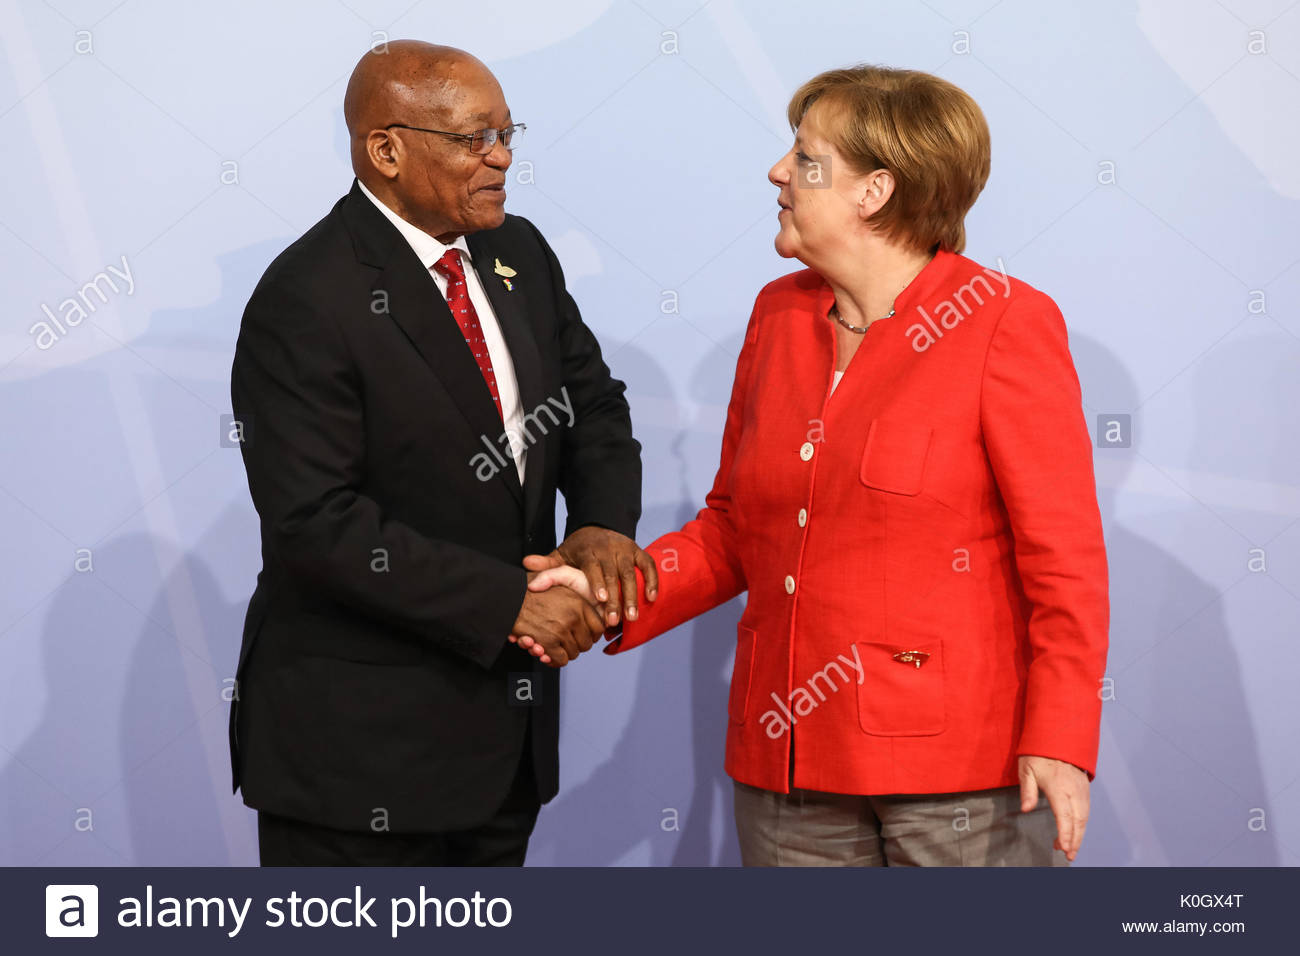 Jacob Zuma, Praesident Suedafrikas wird beim Defilee / Empfang zum G20 Gipfel in den Messehallen in Hamburg von Bundeskanzlerin Angela Merkel empfange - Stock Image